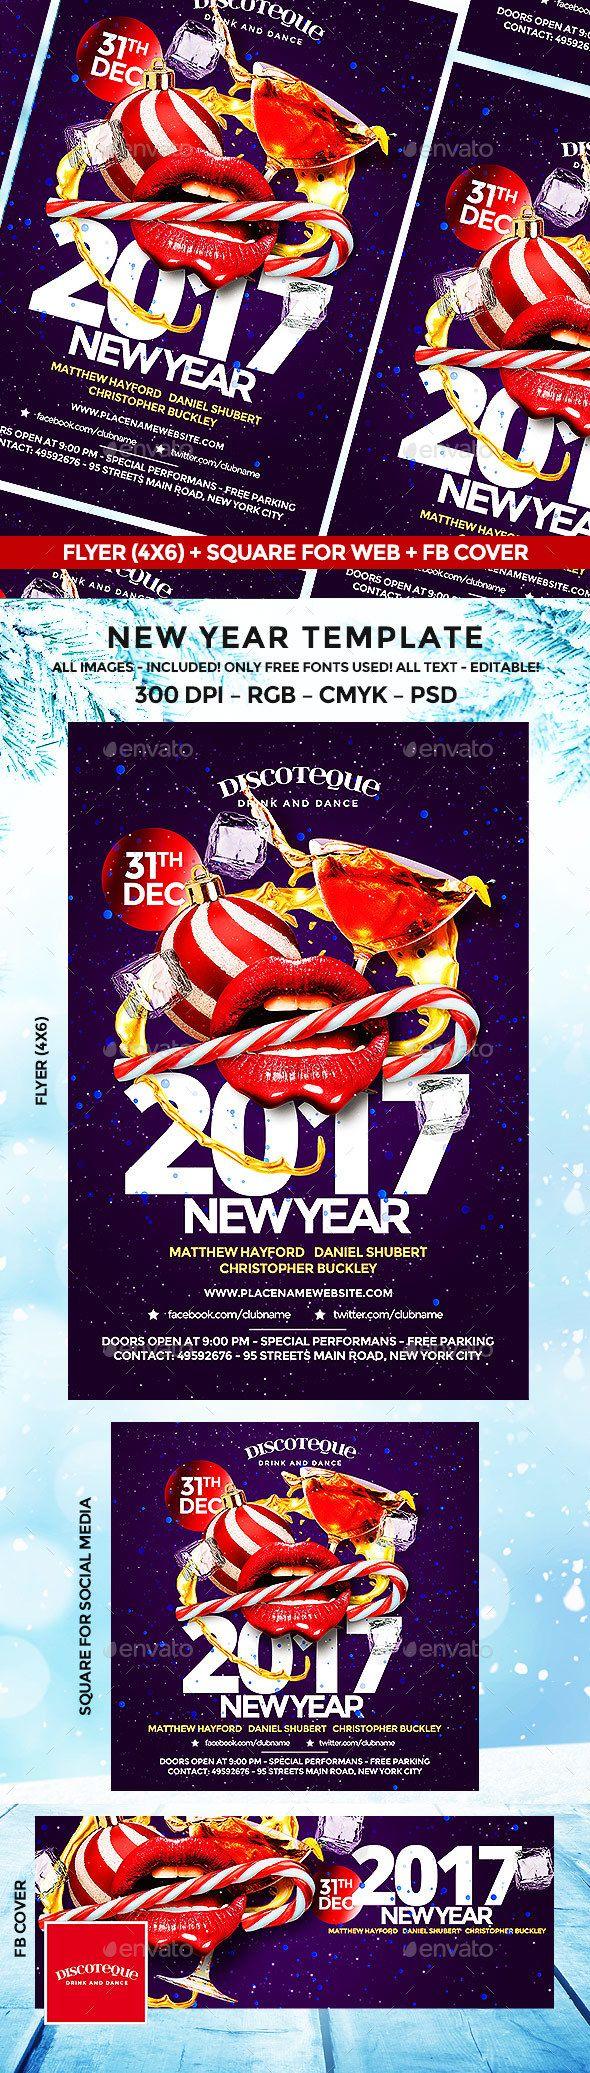 New Year   Cartelitos y Eventos